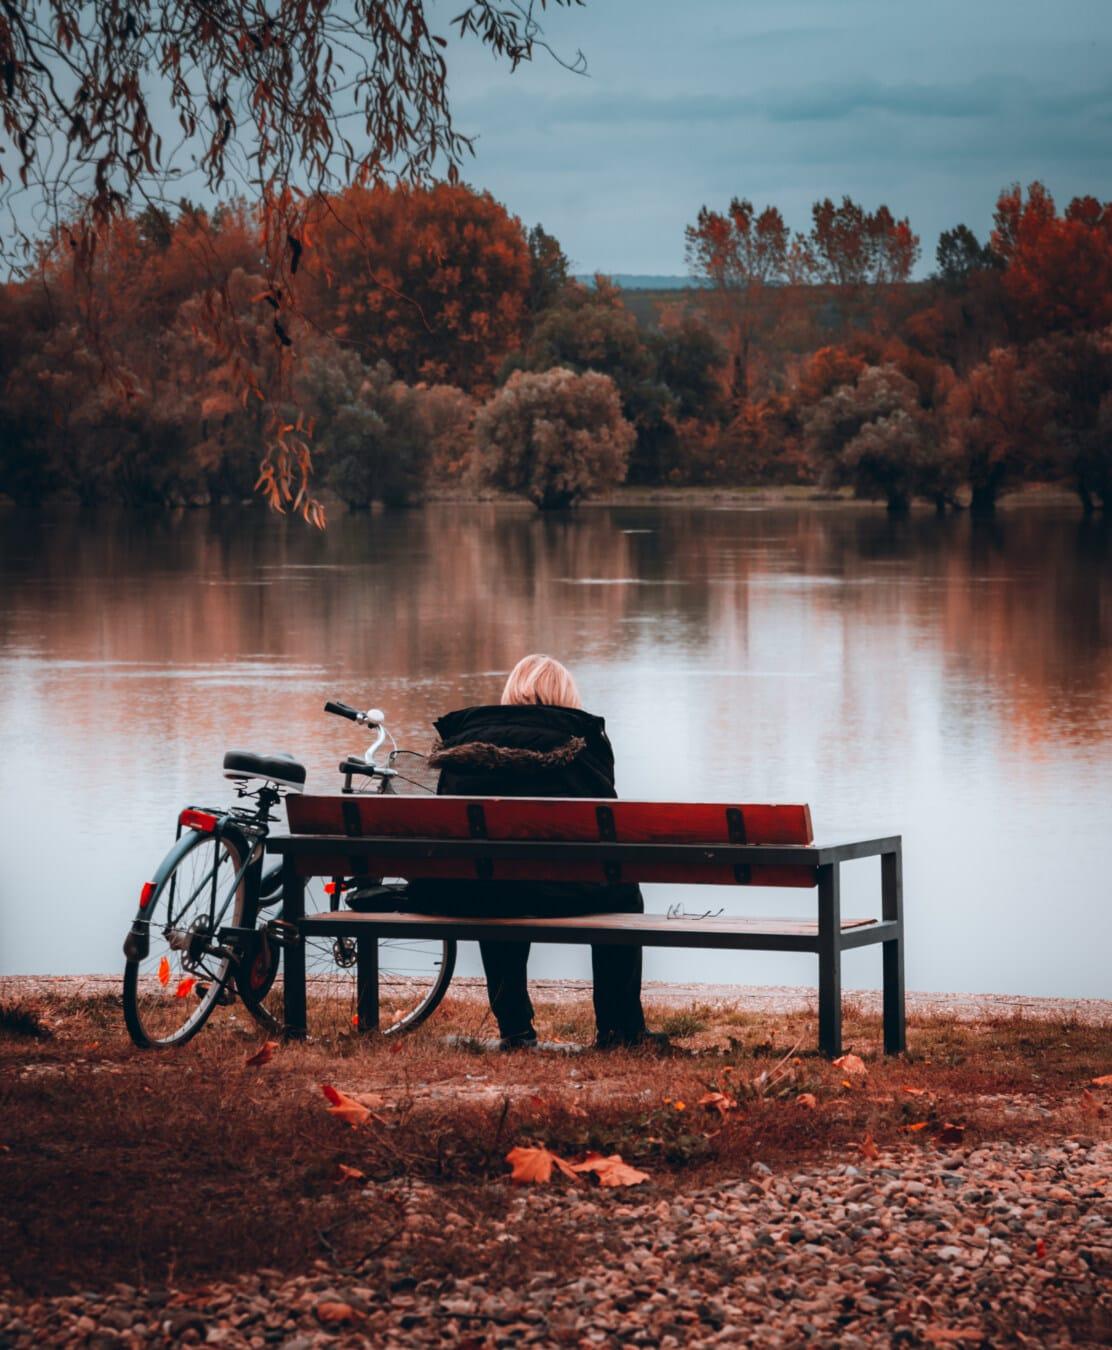 Sitzbank, sitzen, allein, Frau, Fahrrad, Herbstsaison, Flussbett, Sitz, Bereich, Wasser